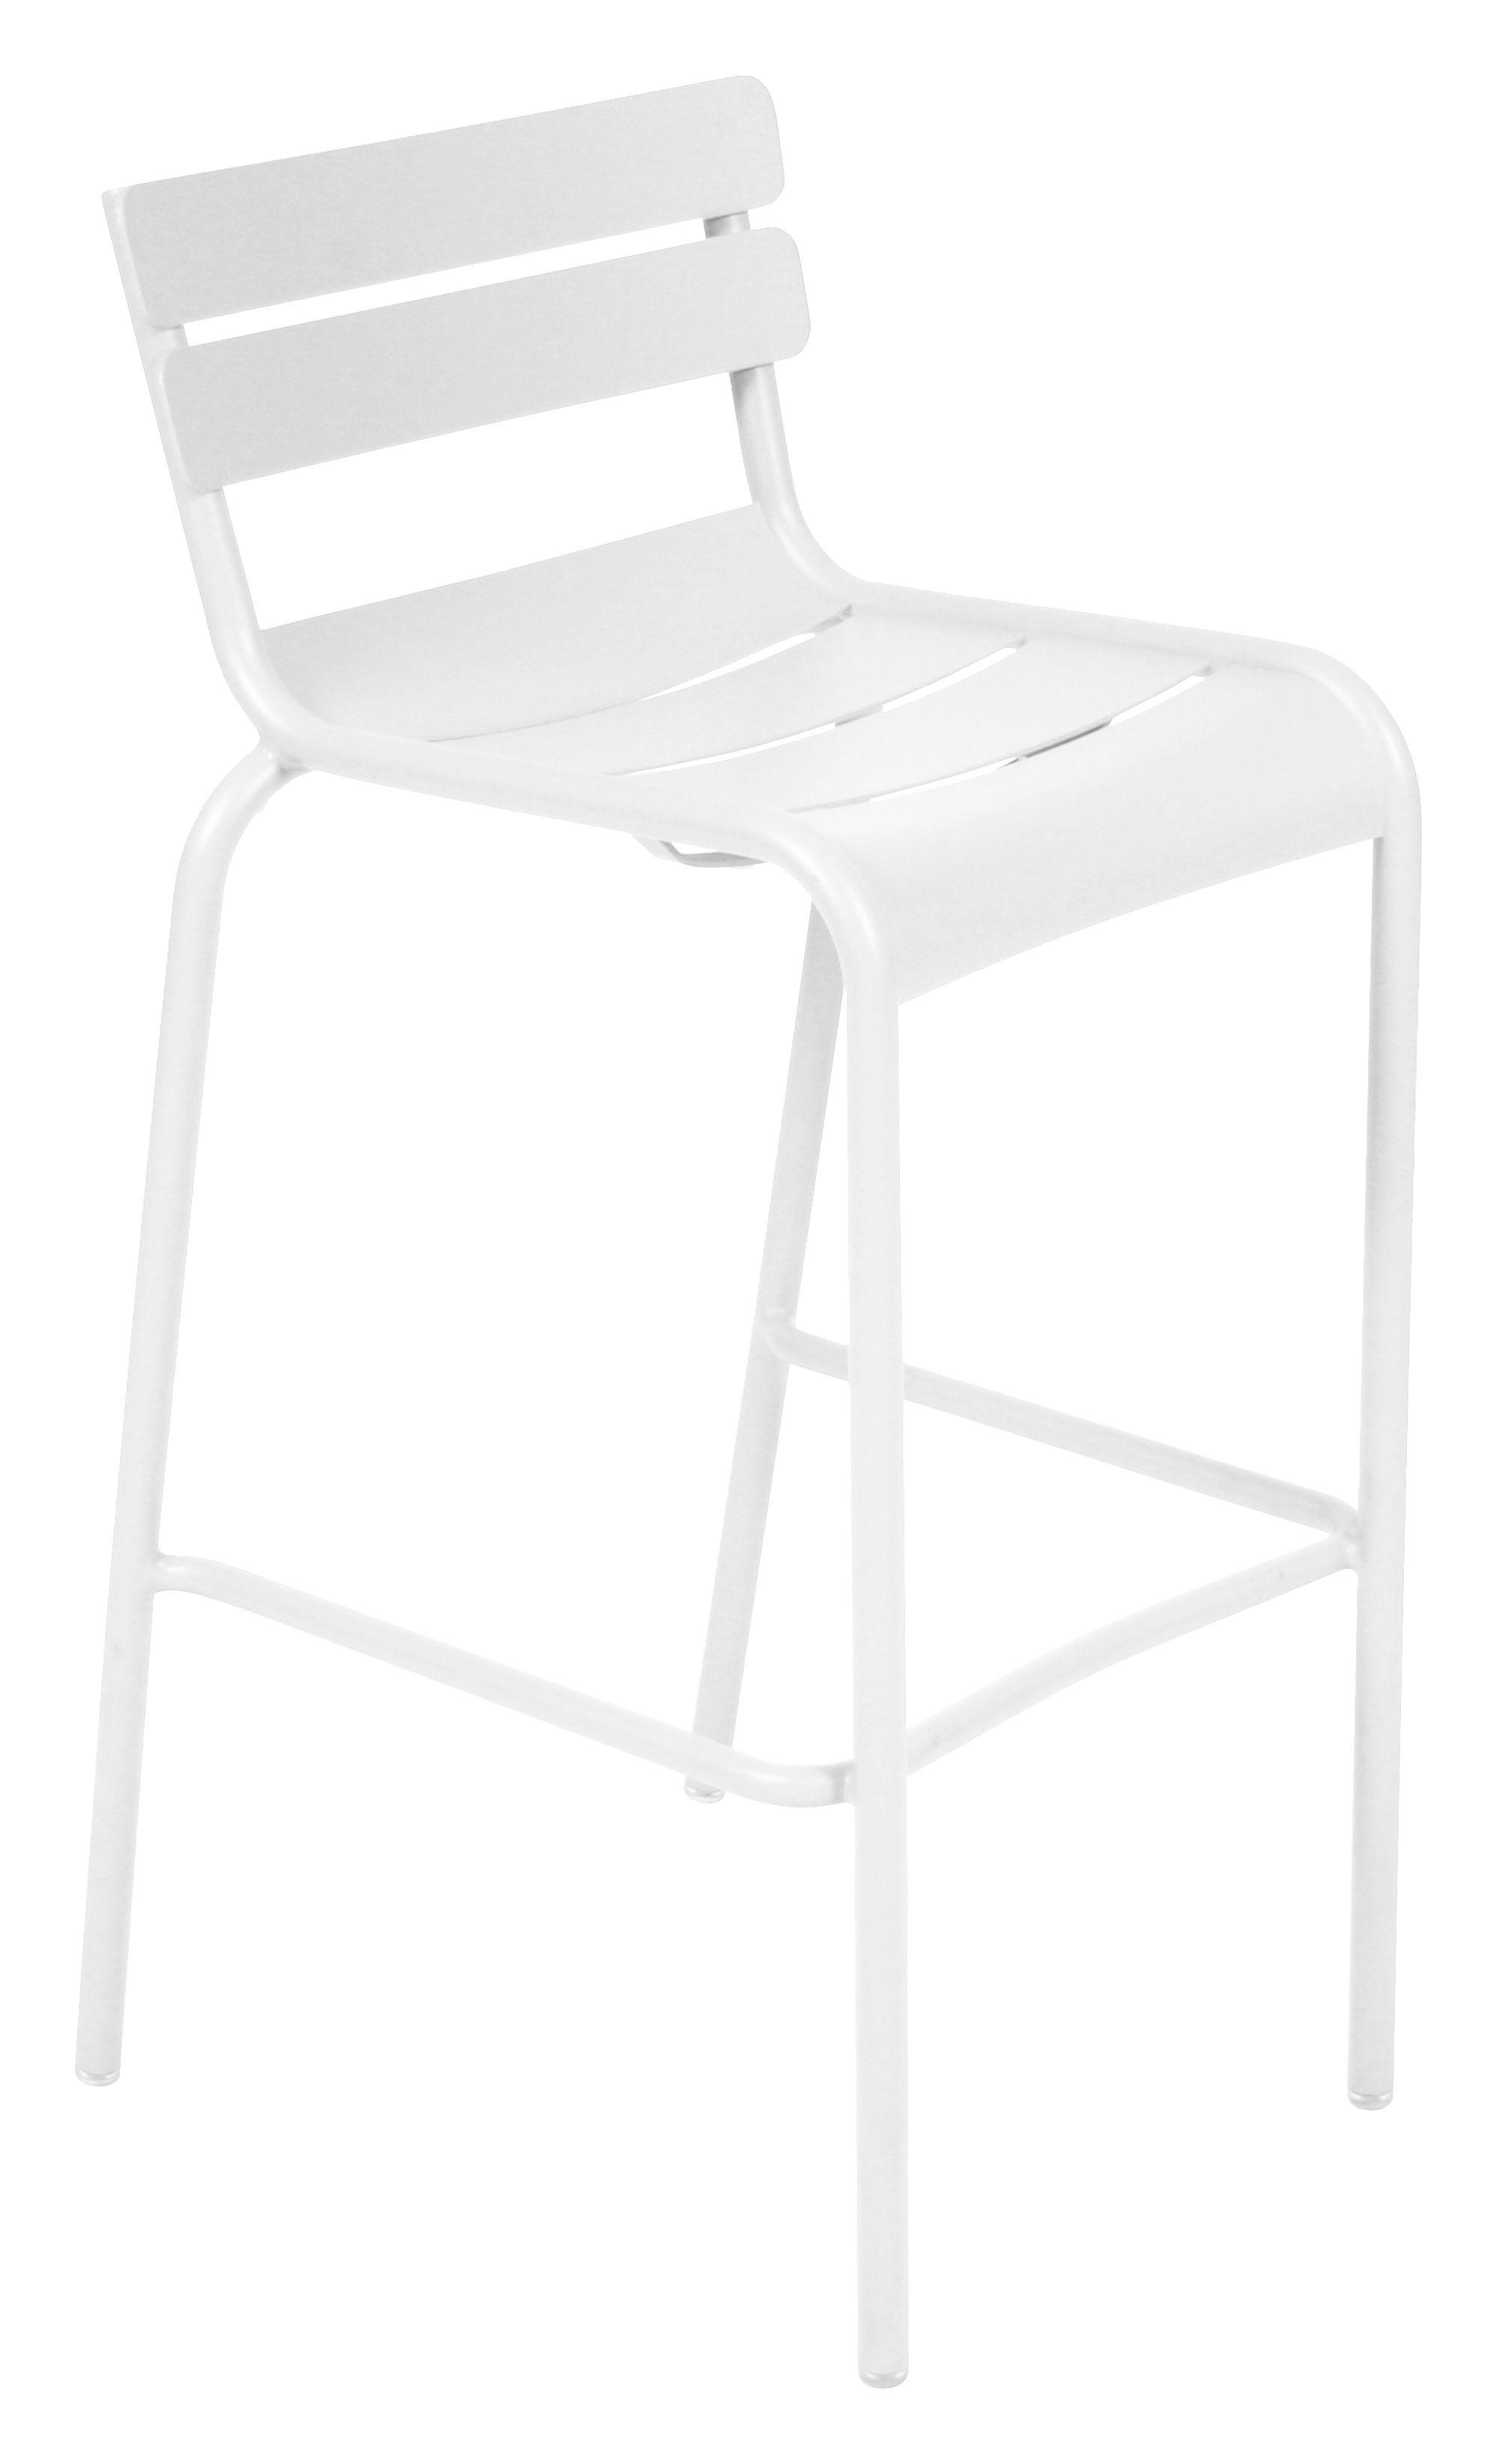 Arredamento - Sgabelli da bar  - Sedia da bar Luxembourg - / seduta A 80 cm di Fermob - Bianco cotone - Alluminio laccato